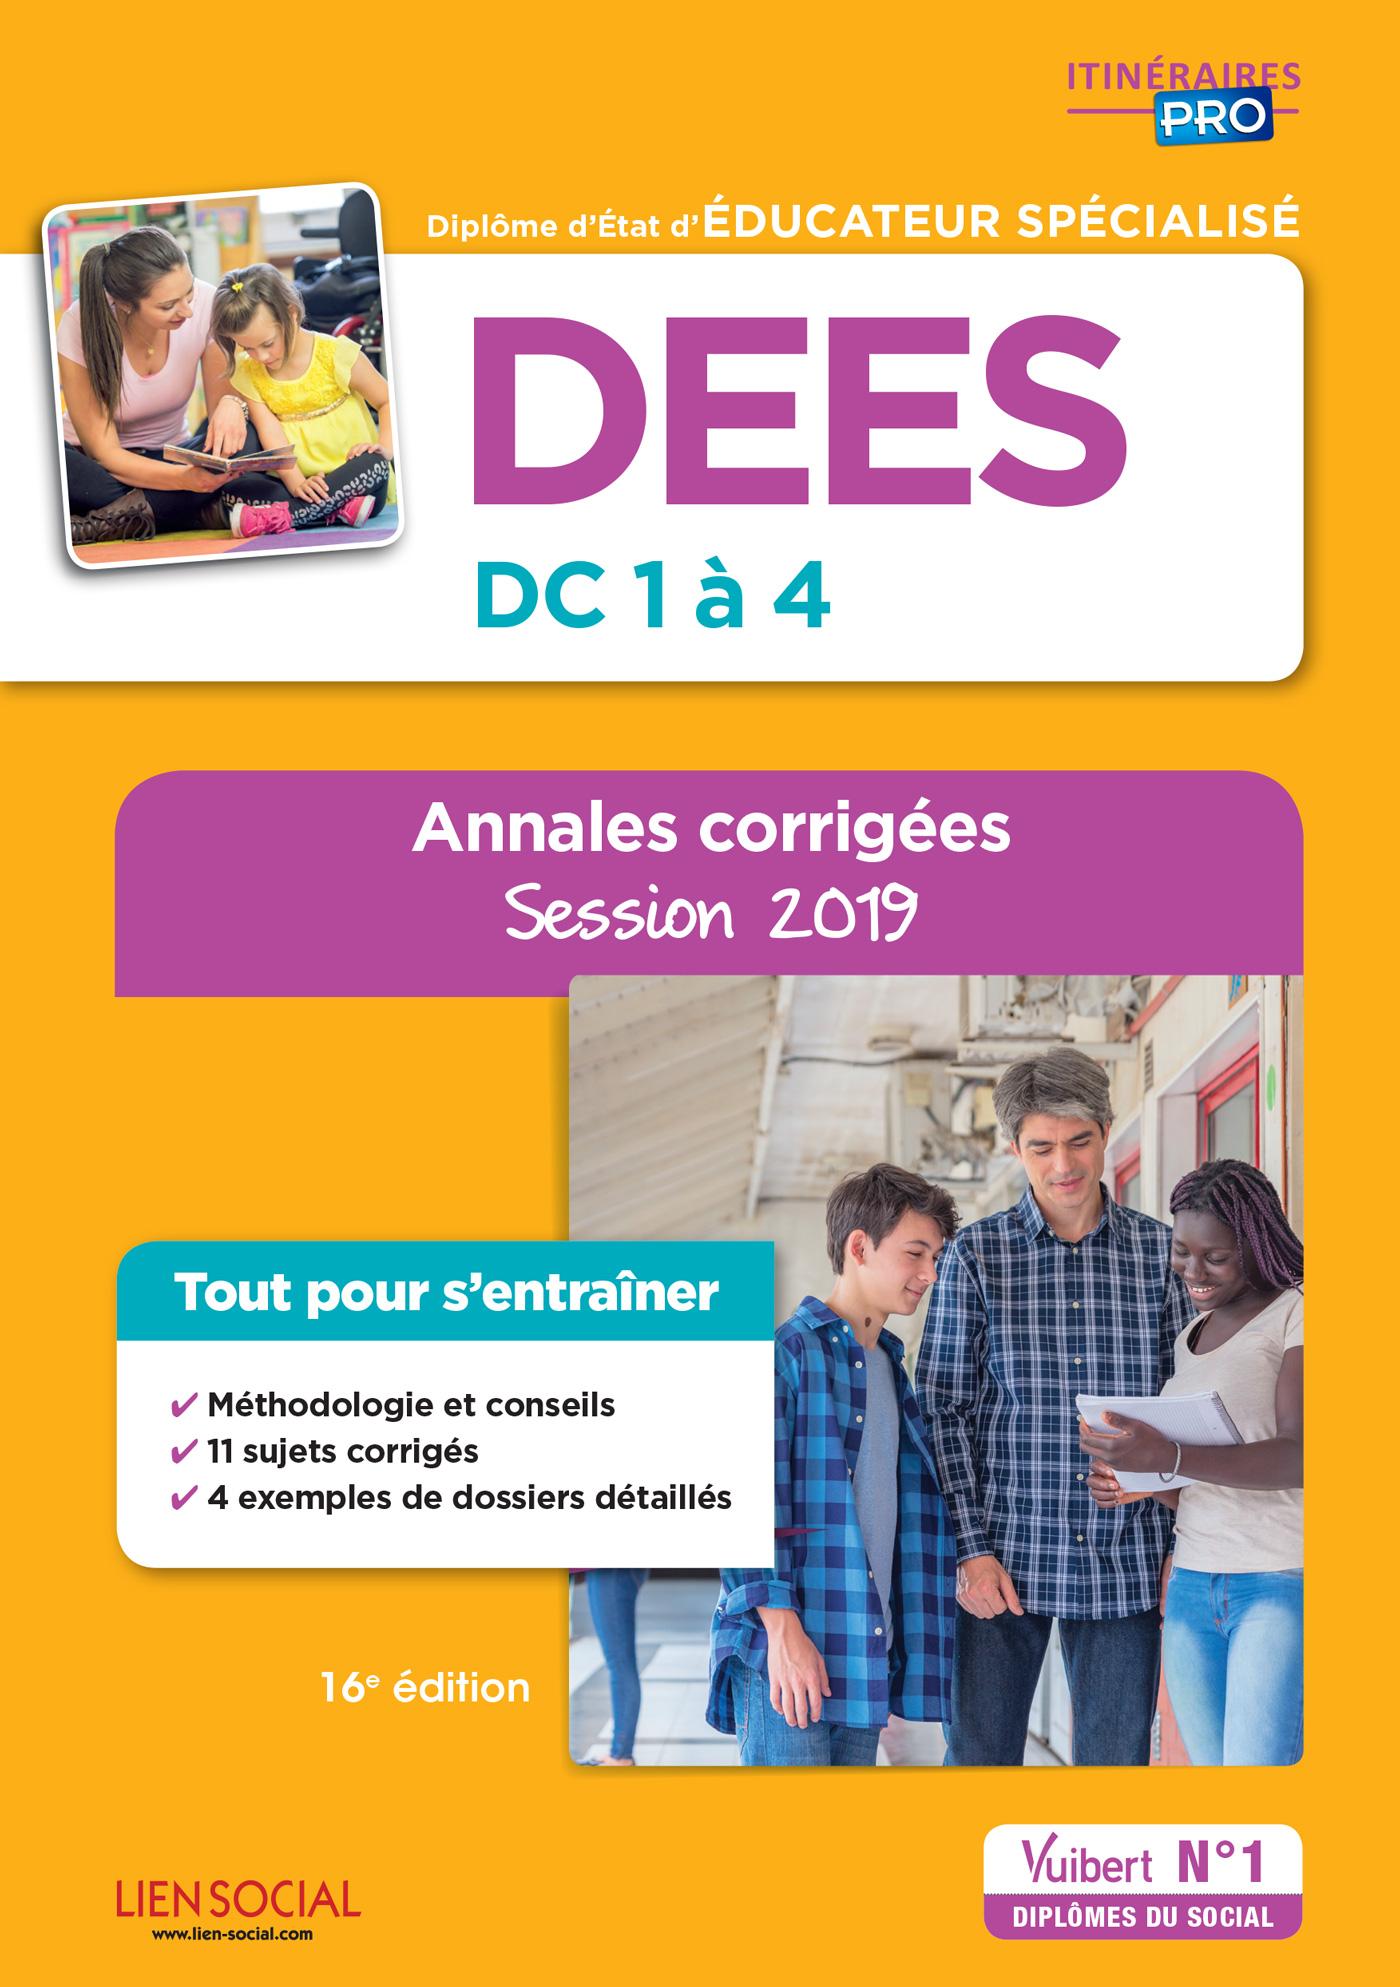 Dees Preuves De Certification Dc 1 4 Annales Corriges Vuibert